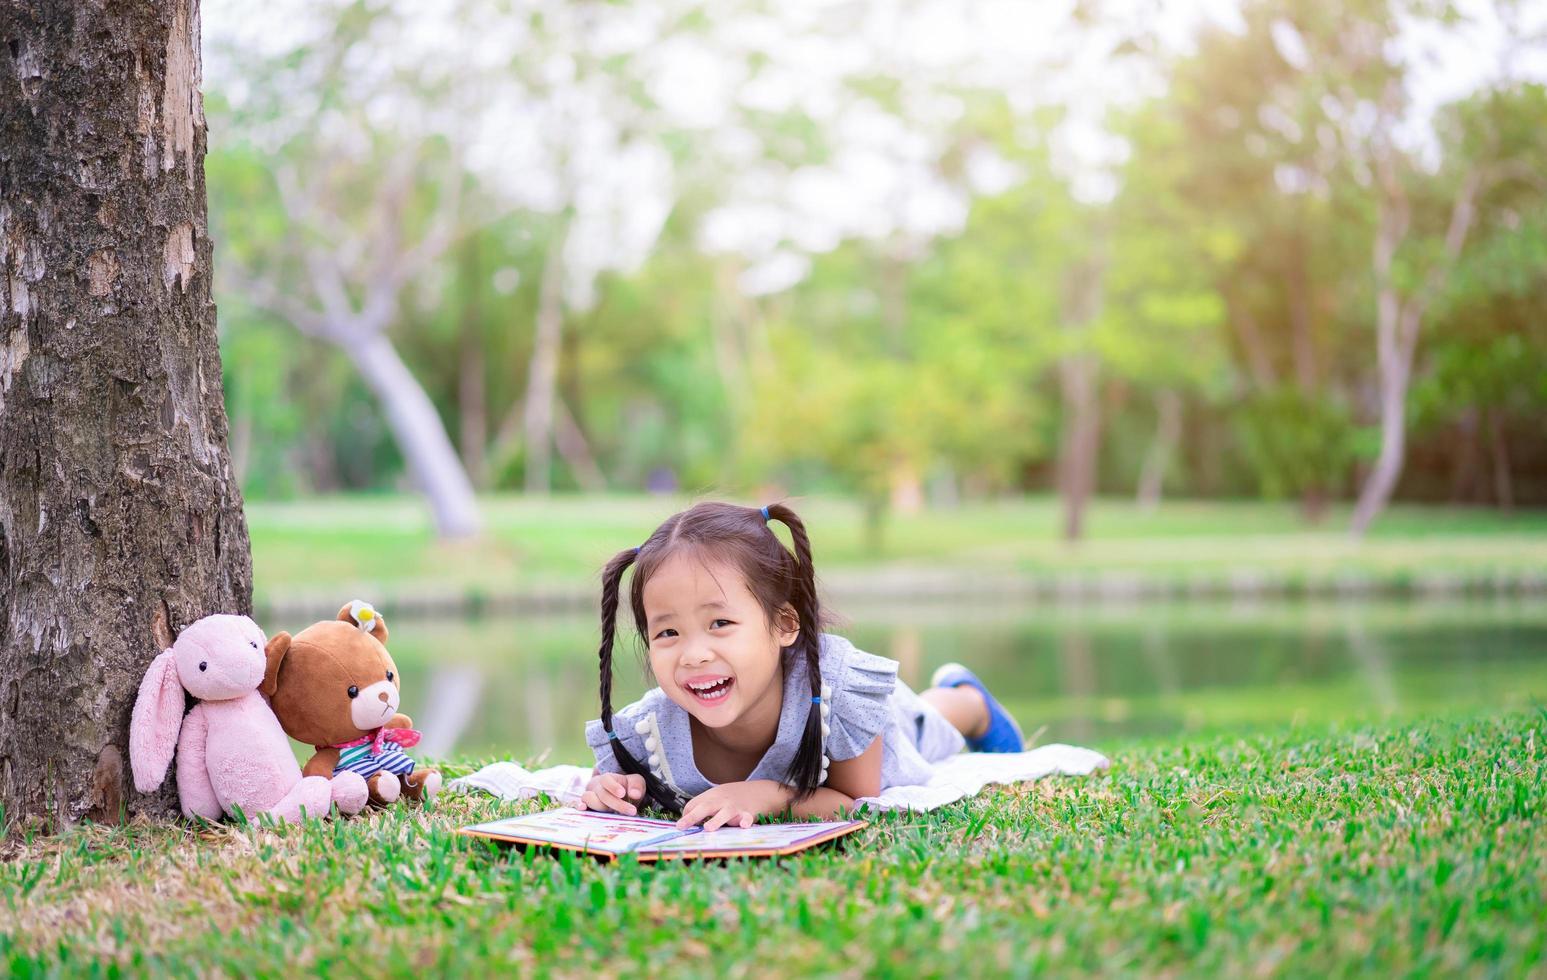 niña en el parque con libro y muñecas foto